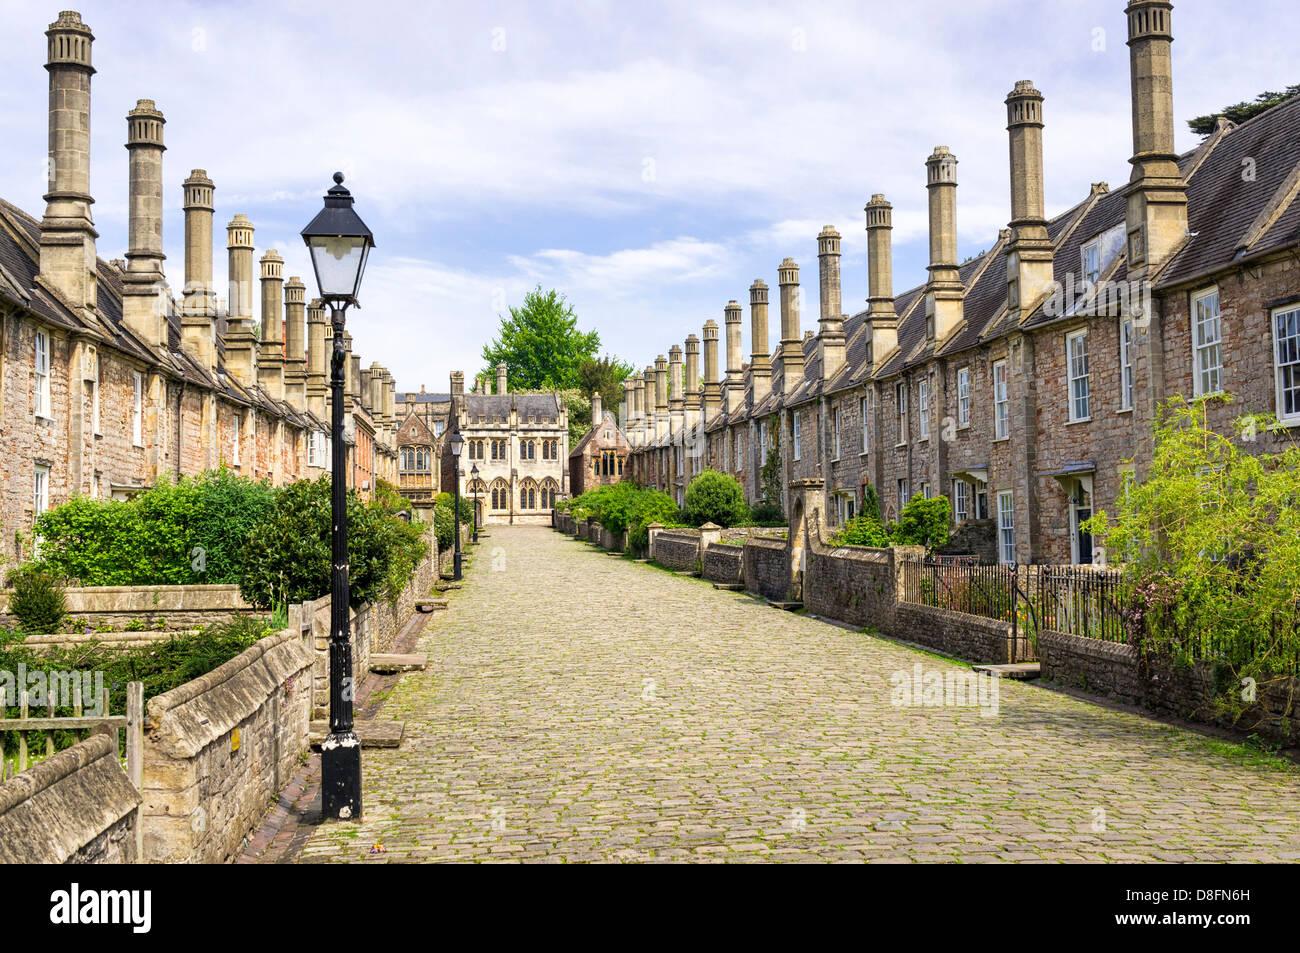 Mittelalterliche Straße - Nähe Vikare, Wells, Somerset, England, UK - mit gepflasterten Straßen und alten Reihenhäuser Stockfoto